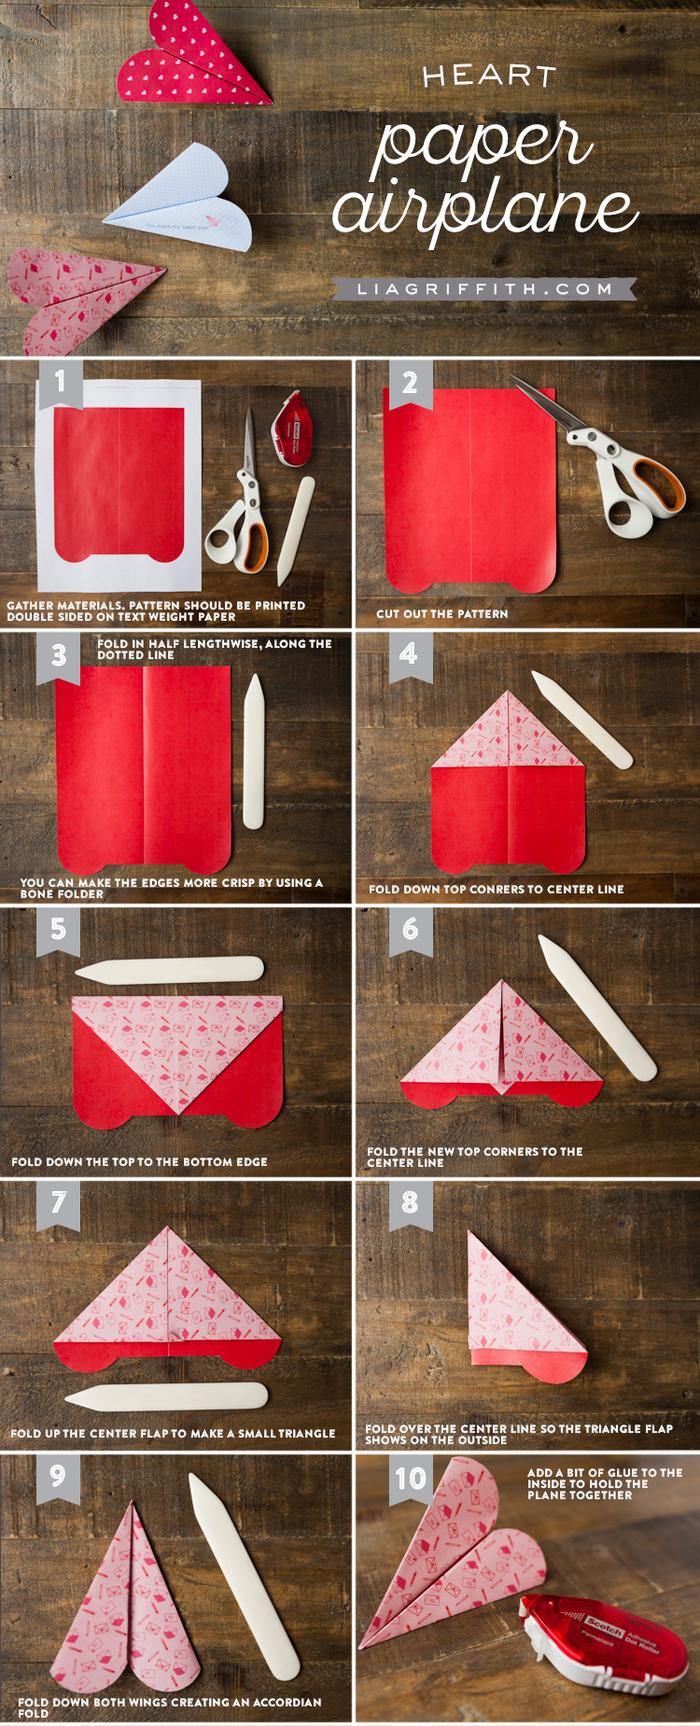 tuto de pliage origami avion en forme de coeur avec un gabarit à télécharger, idée pour une carte saint-valentin originale à réaliser soi-même